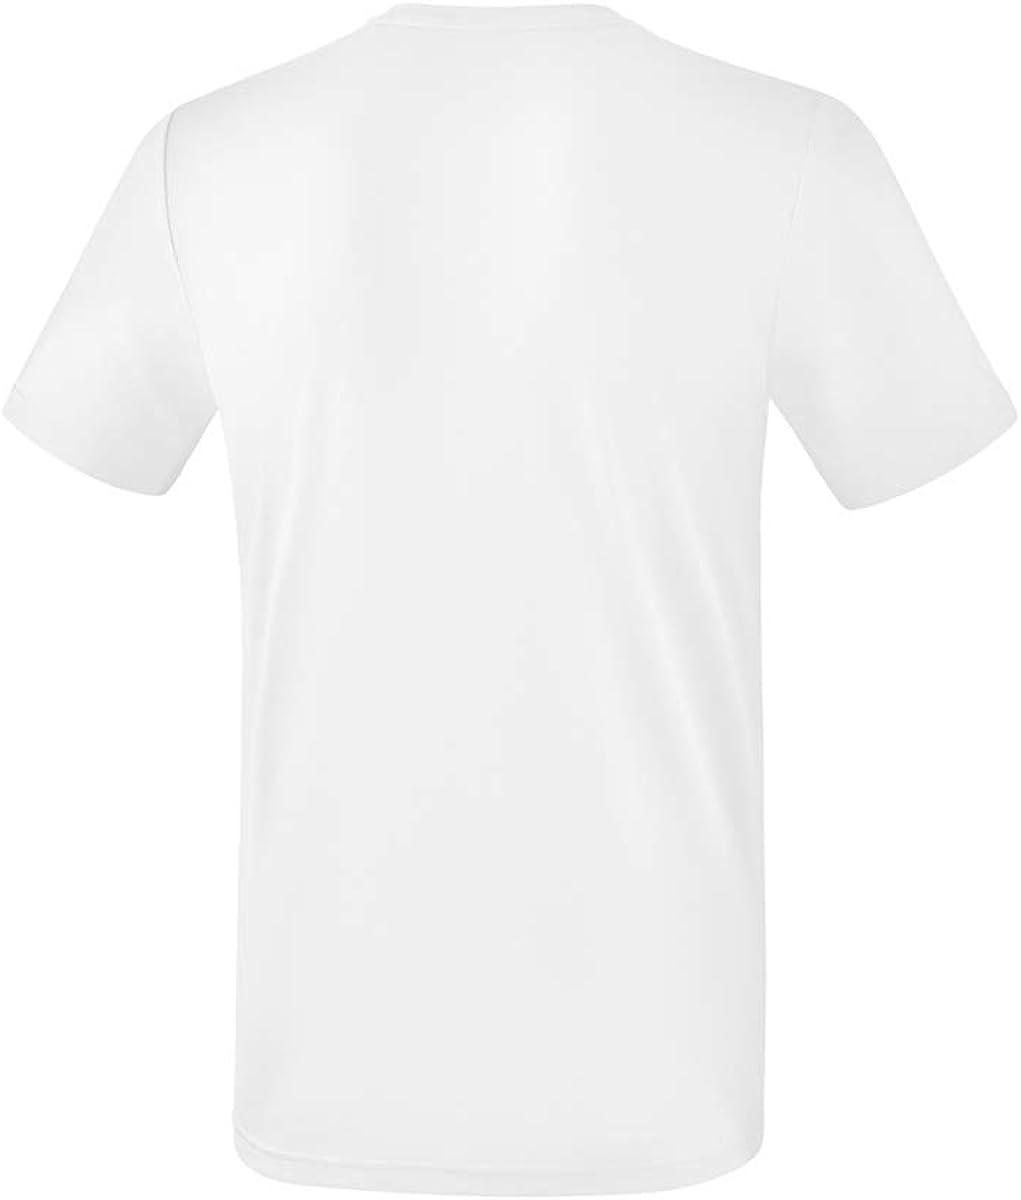 Erima Kinder Funktions Promo T-Shirt